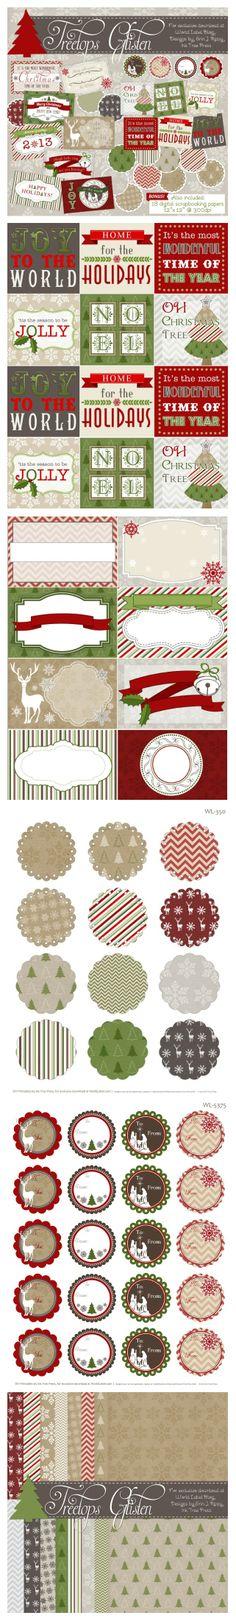 j'aime beaucoup les étiquettes, et, en particulier, celles proposées régulièrement par WorldLabel - et des créatrices de talent... cette fois, en plus de ces superbes étiquettes, le set comprend également un pack de 18 papiers : non seulement vos cadeaux seront joliment emballés, mais vous pourrez aussi créer pages de scrap, cartes et décors de Noël grâce à cet ensemble !... un incontournable pour les fêtes de fin d'année !